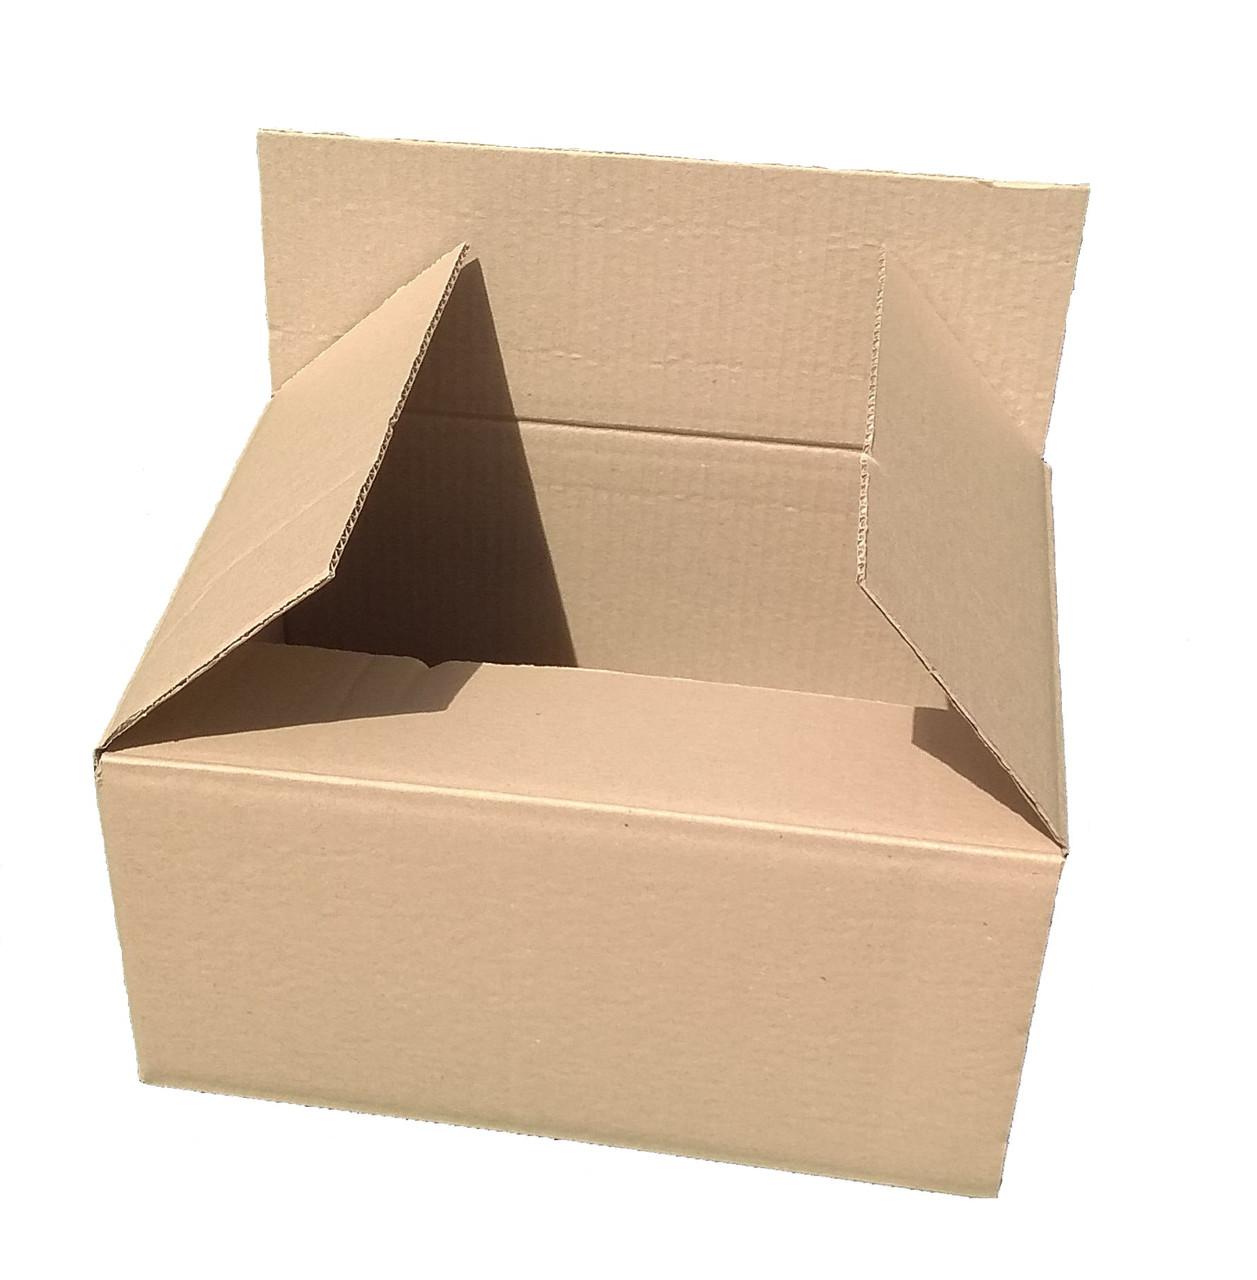 Картонная коробка вместимостью до 5 кг фактического или объемного веса 400*240*210